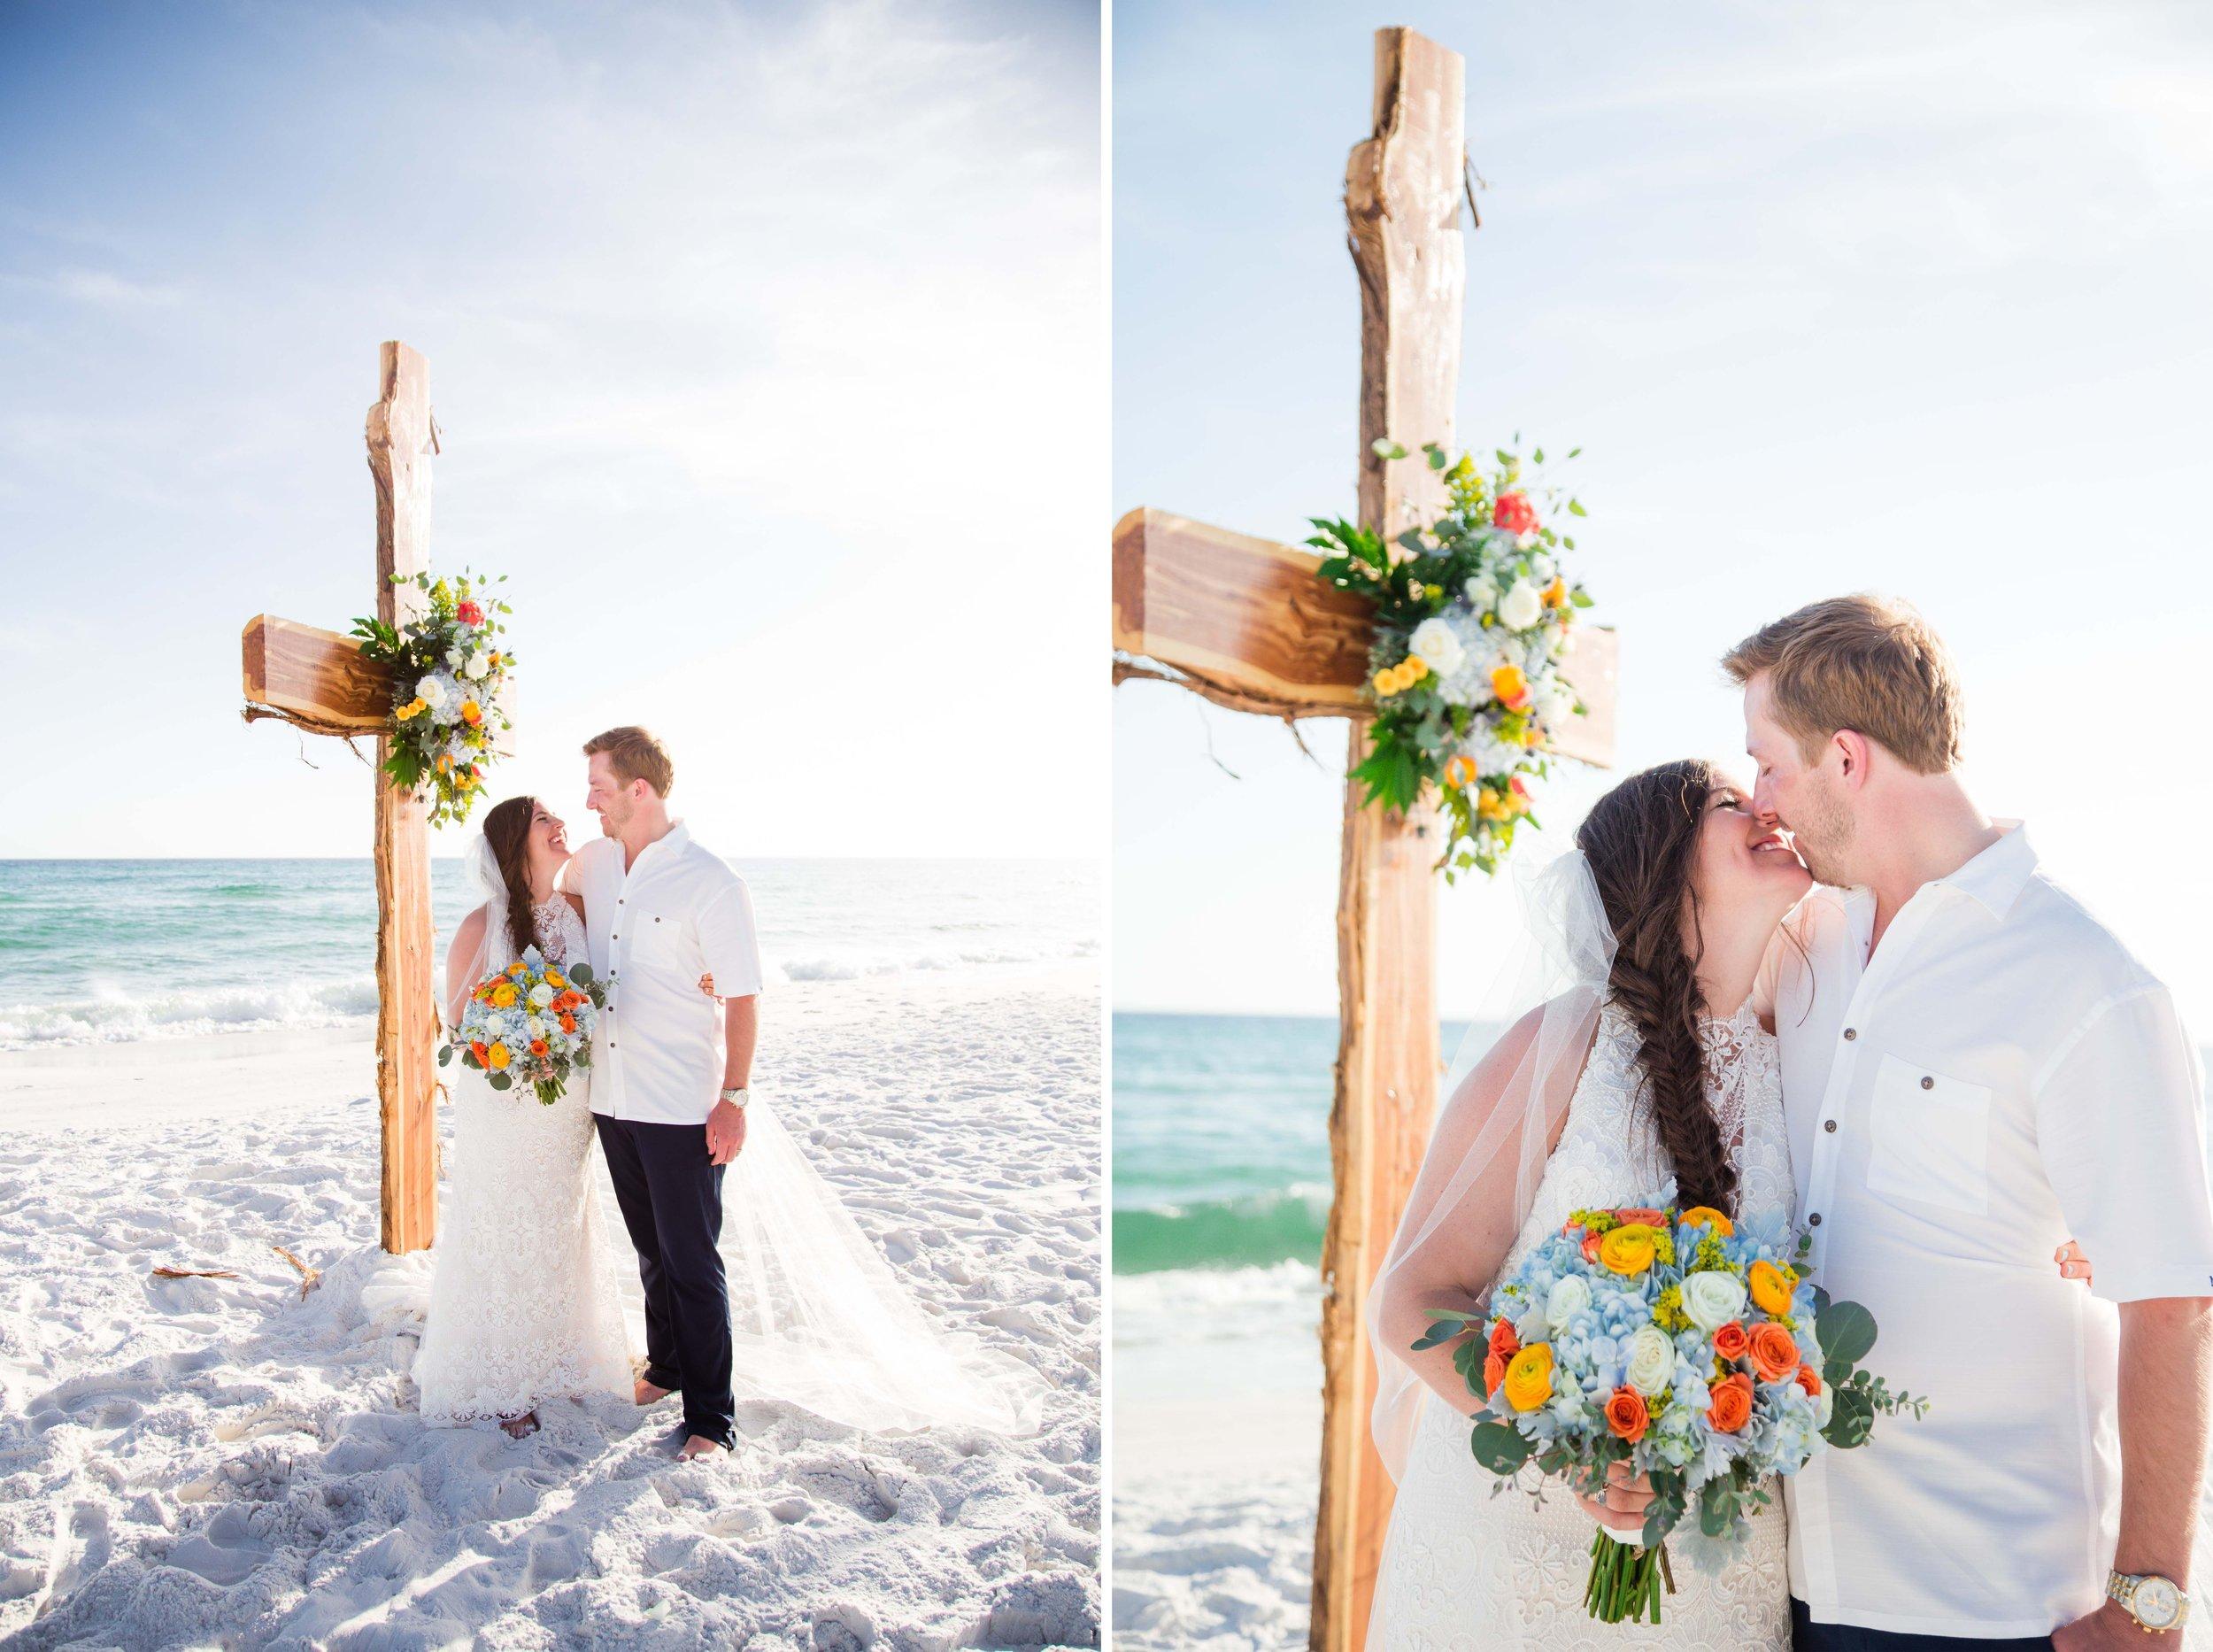 30a-Destin-Florida-Wedding-Photography-Caydee-Matt_035.jpg